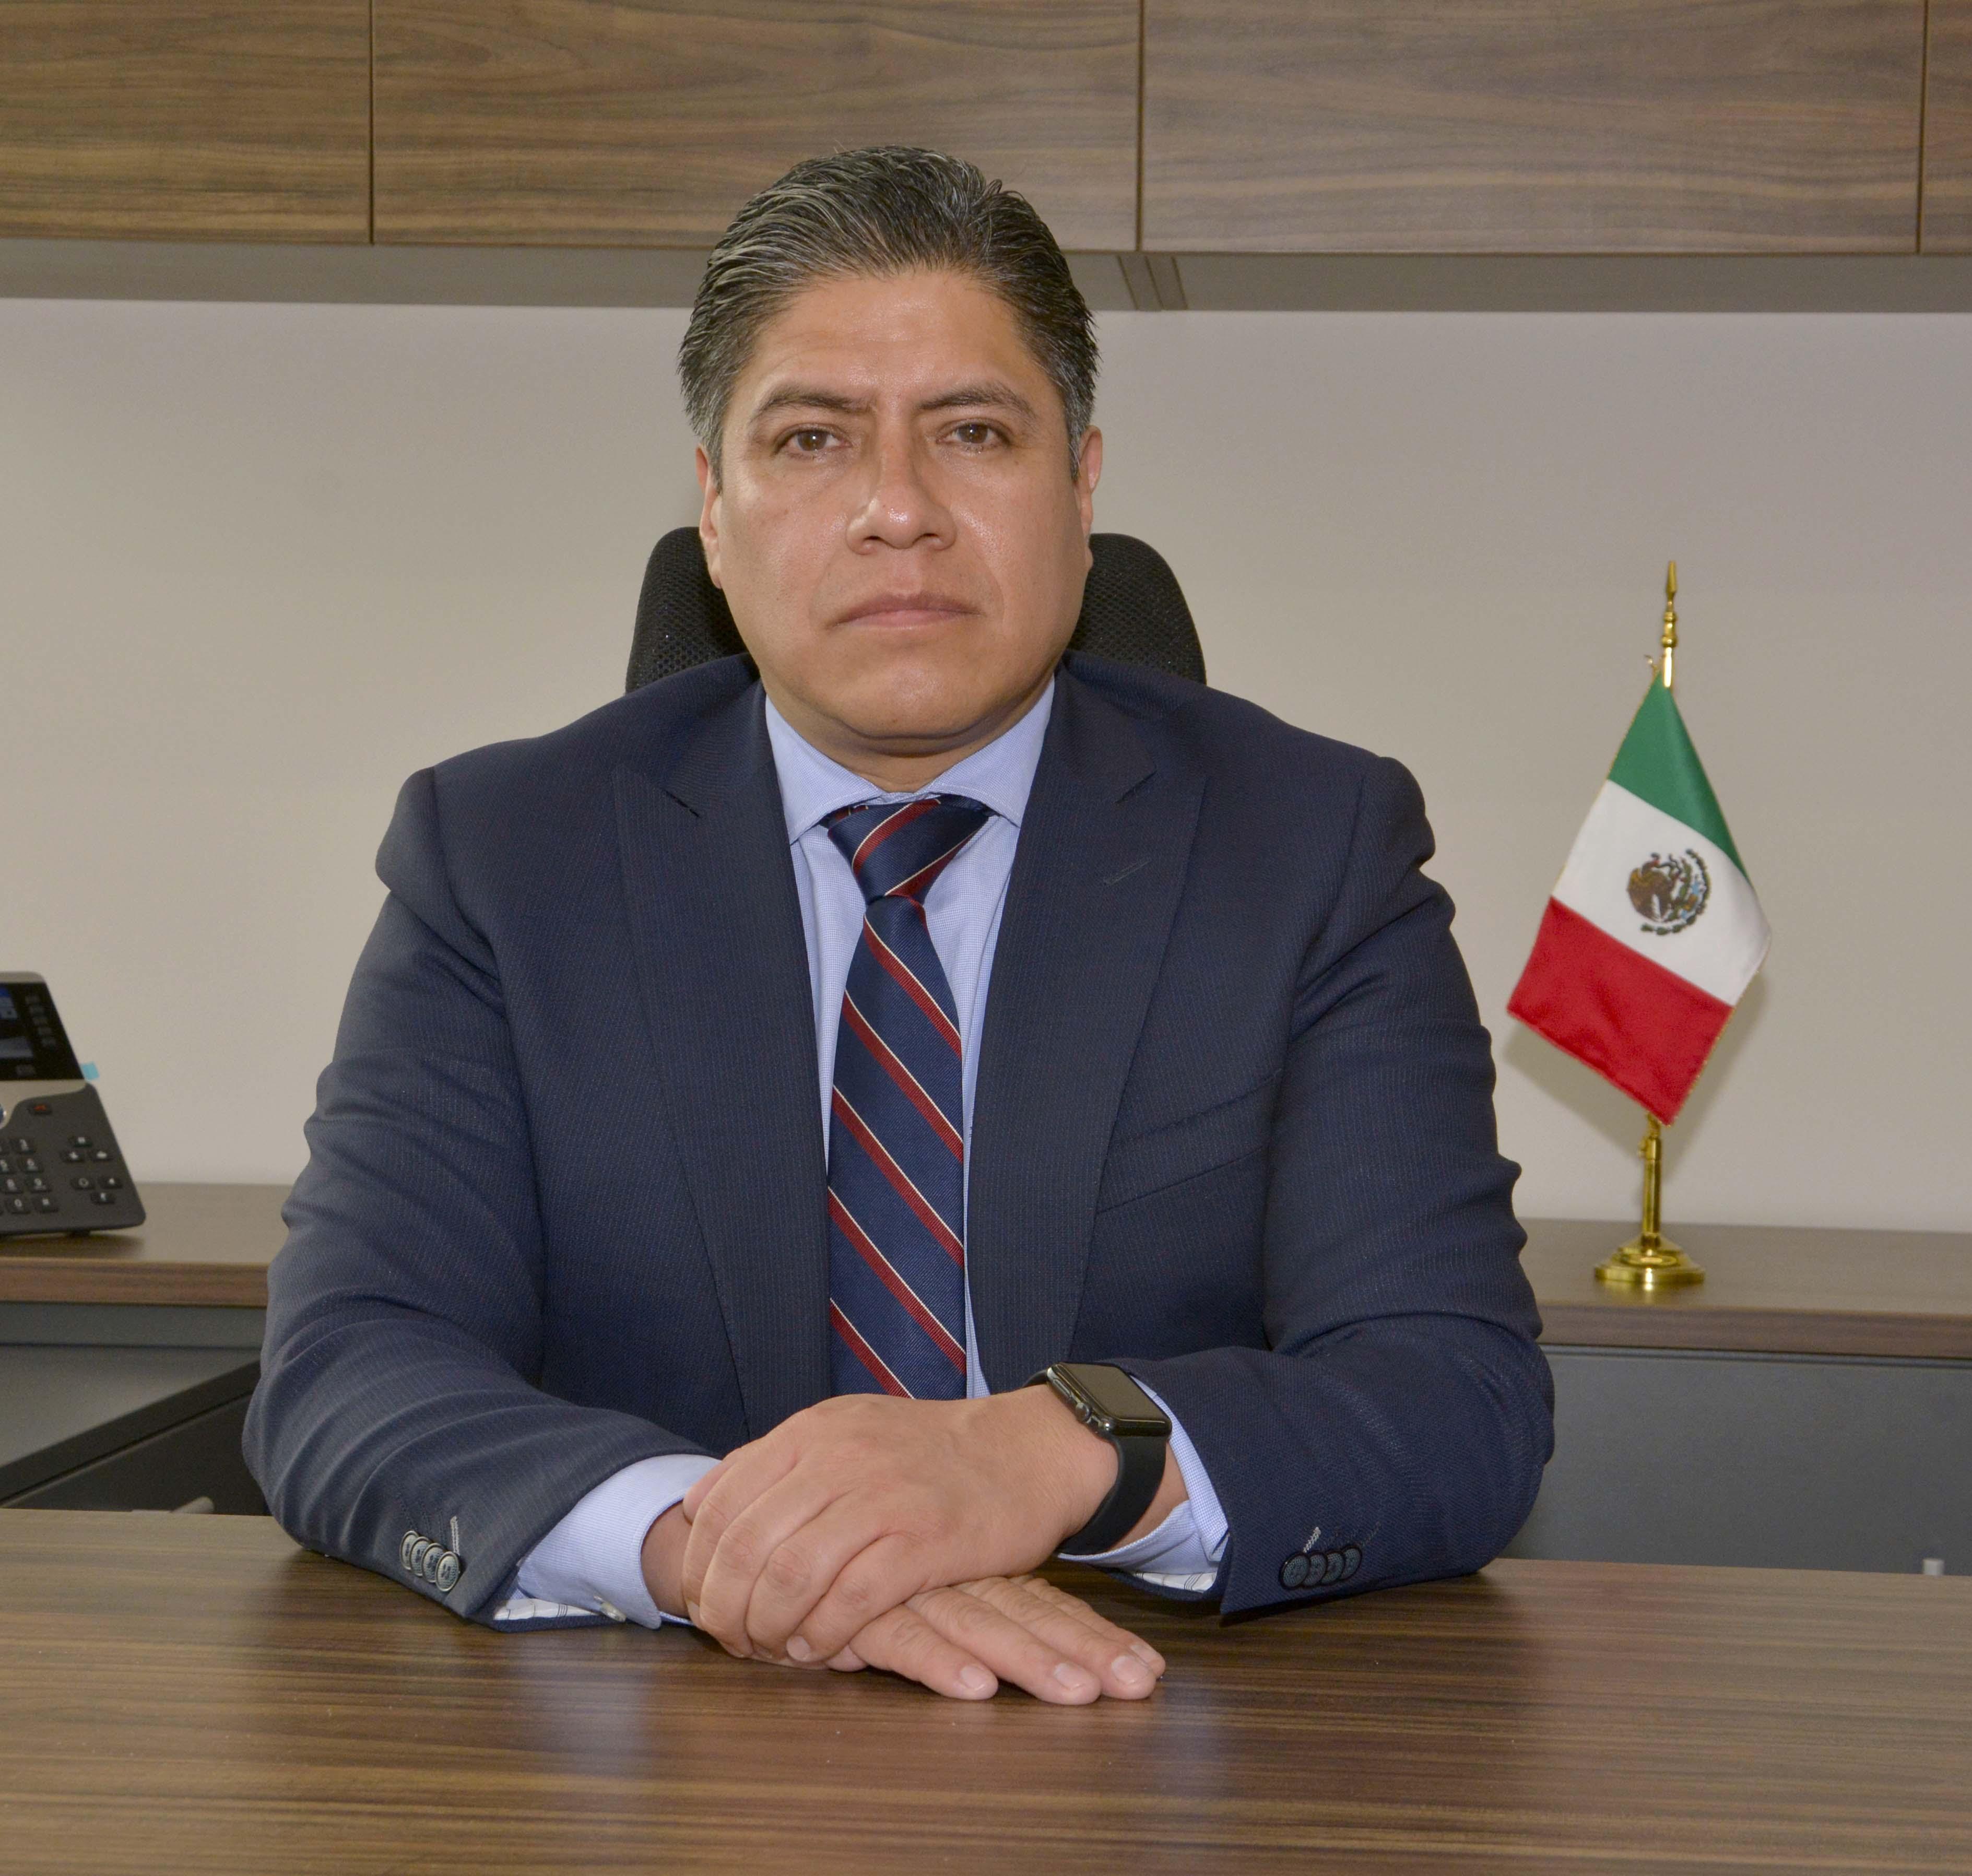 Lic. Ángel Rodríguez Alba. Titular del Órgano Interno de Control en la Secretaría de Salud.